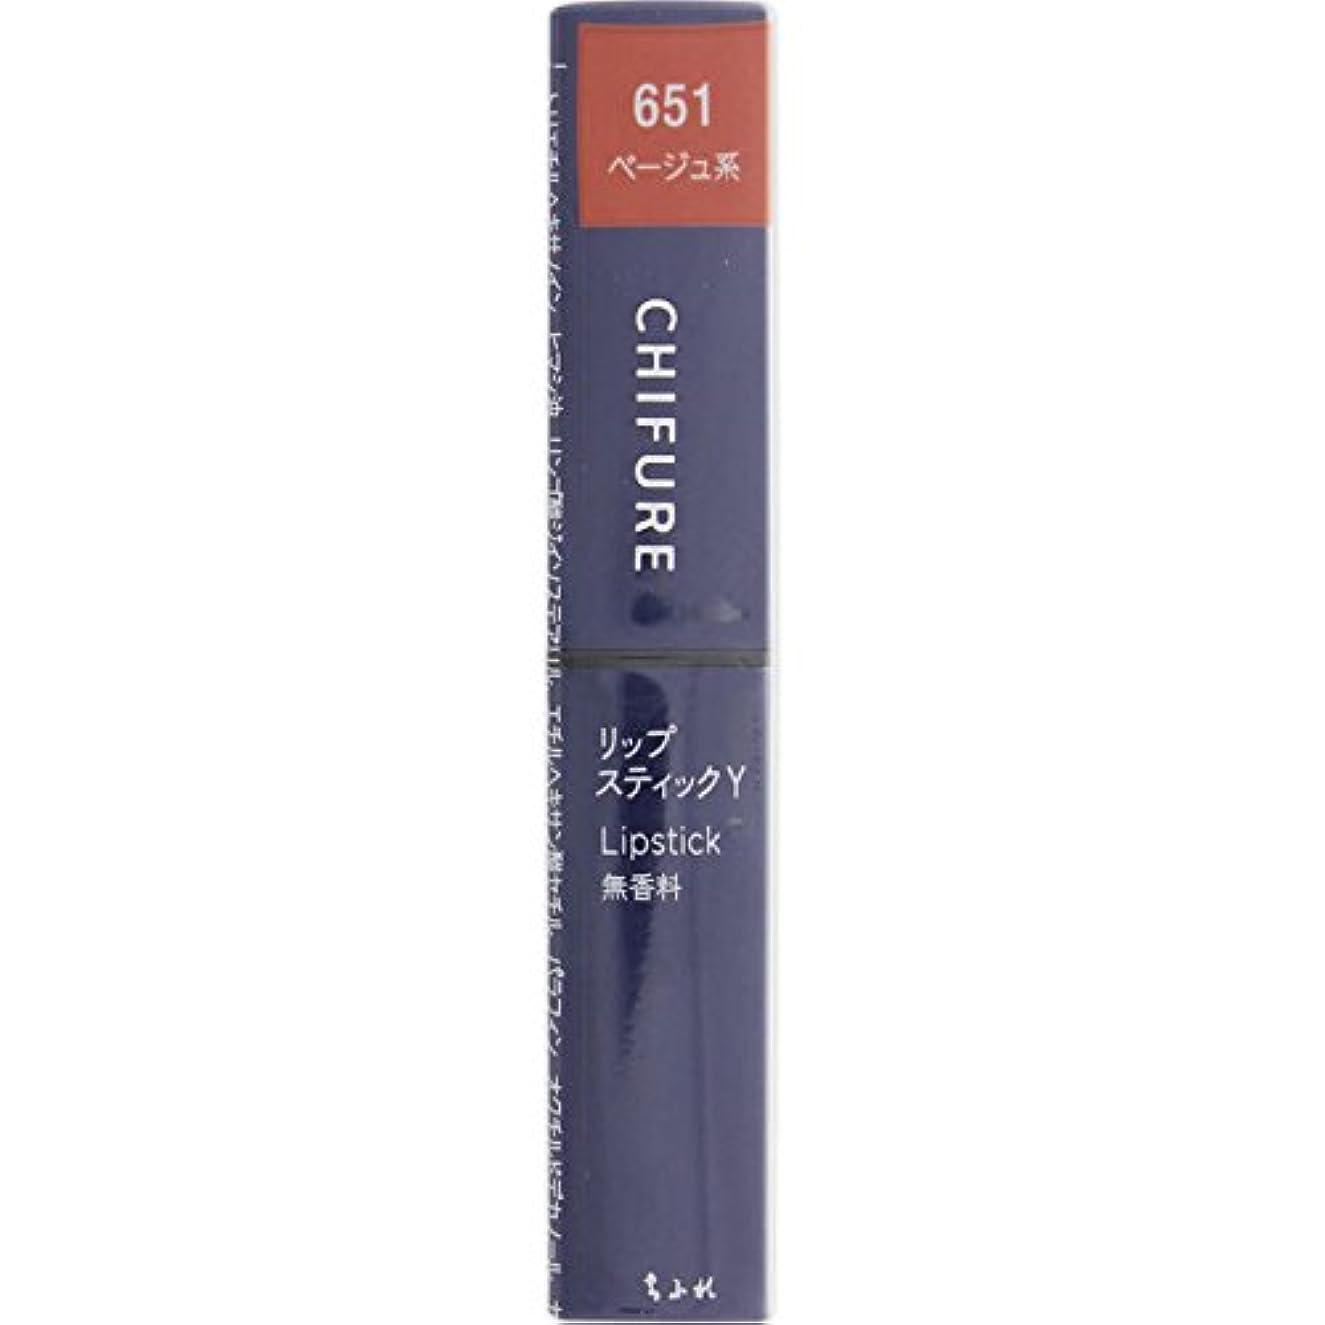 元のダイジェスト織るちふれ化粧品 リップスティック ベージュ系 リップスティックY651